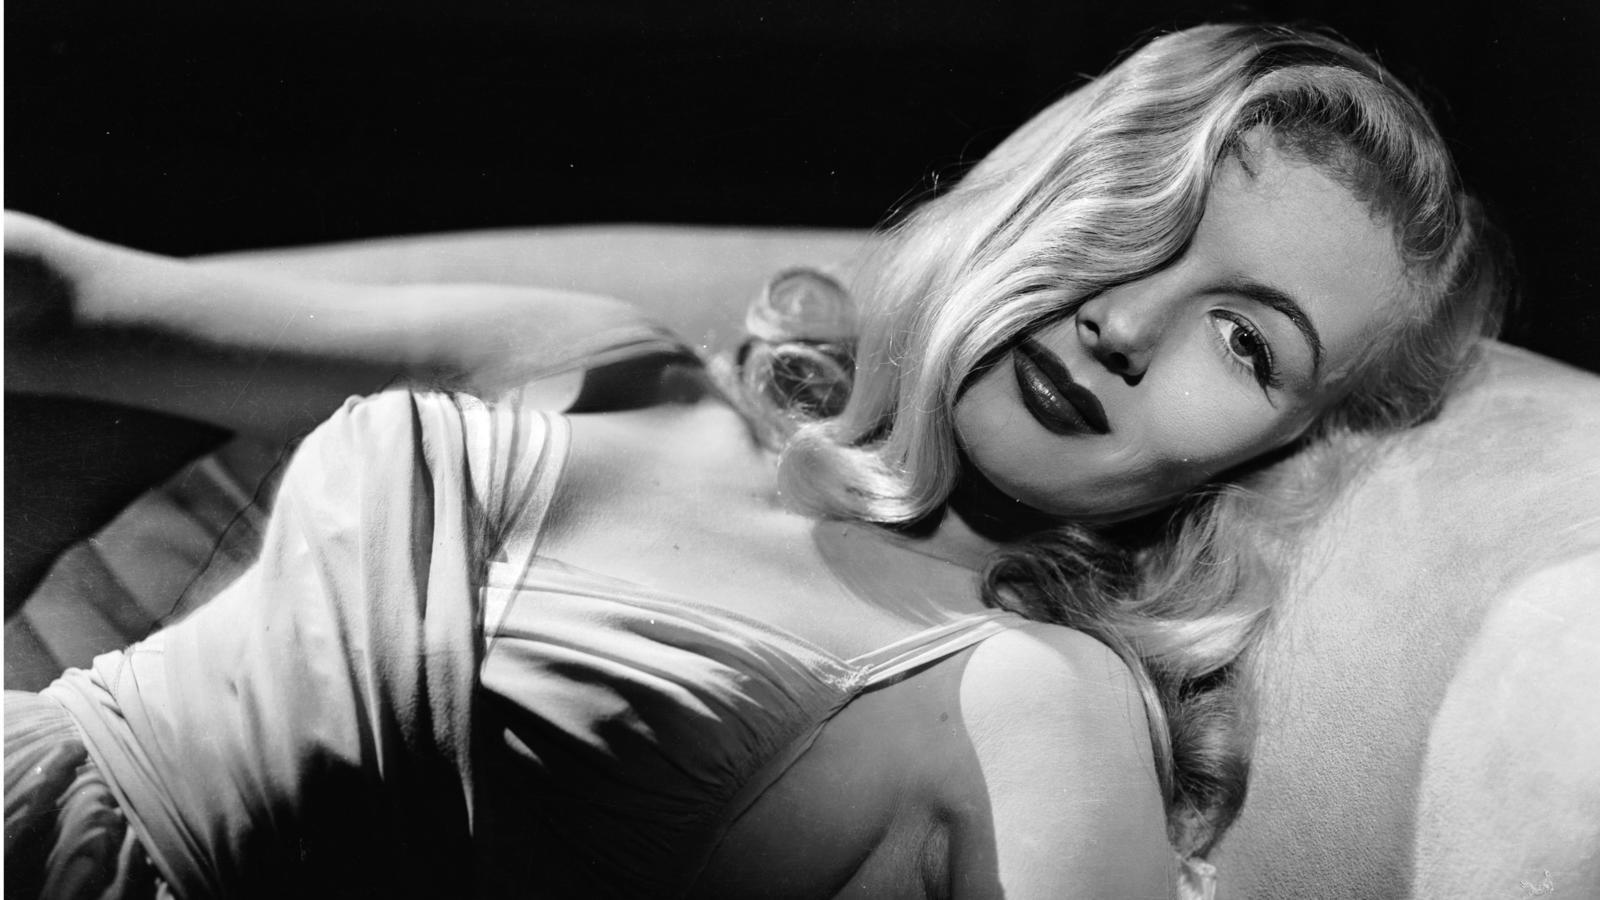 A 40-es évek szőke szexbombájáról mindenkinek a jobb szemét eltakaró, vállig érő, hullámos hajú színésznő ugrik be. Pedig a színésznő egyáltalán nem ragaszkodott ehhez az imidzshez, sőt a II. világháború alatt levágatta a haját, ezzel is bátorítva a gyárakban dolgozó a nőket, egy könnyen kezelhető haj viselésére.